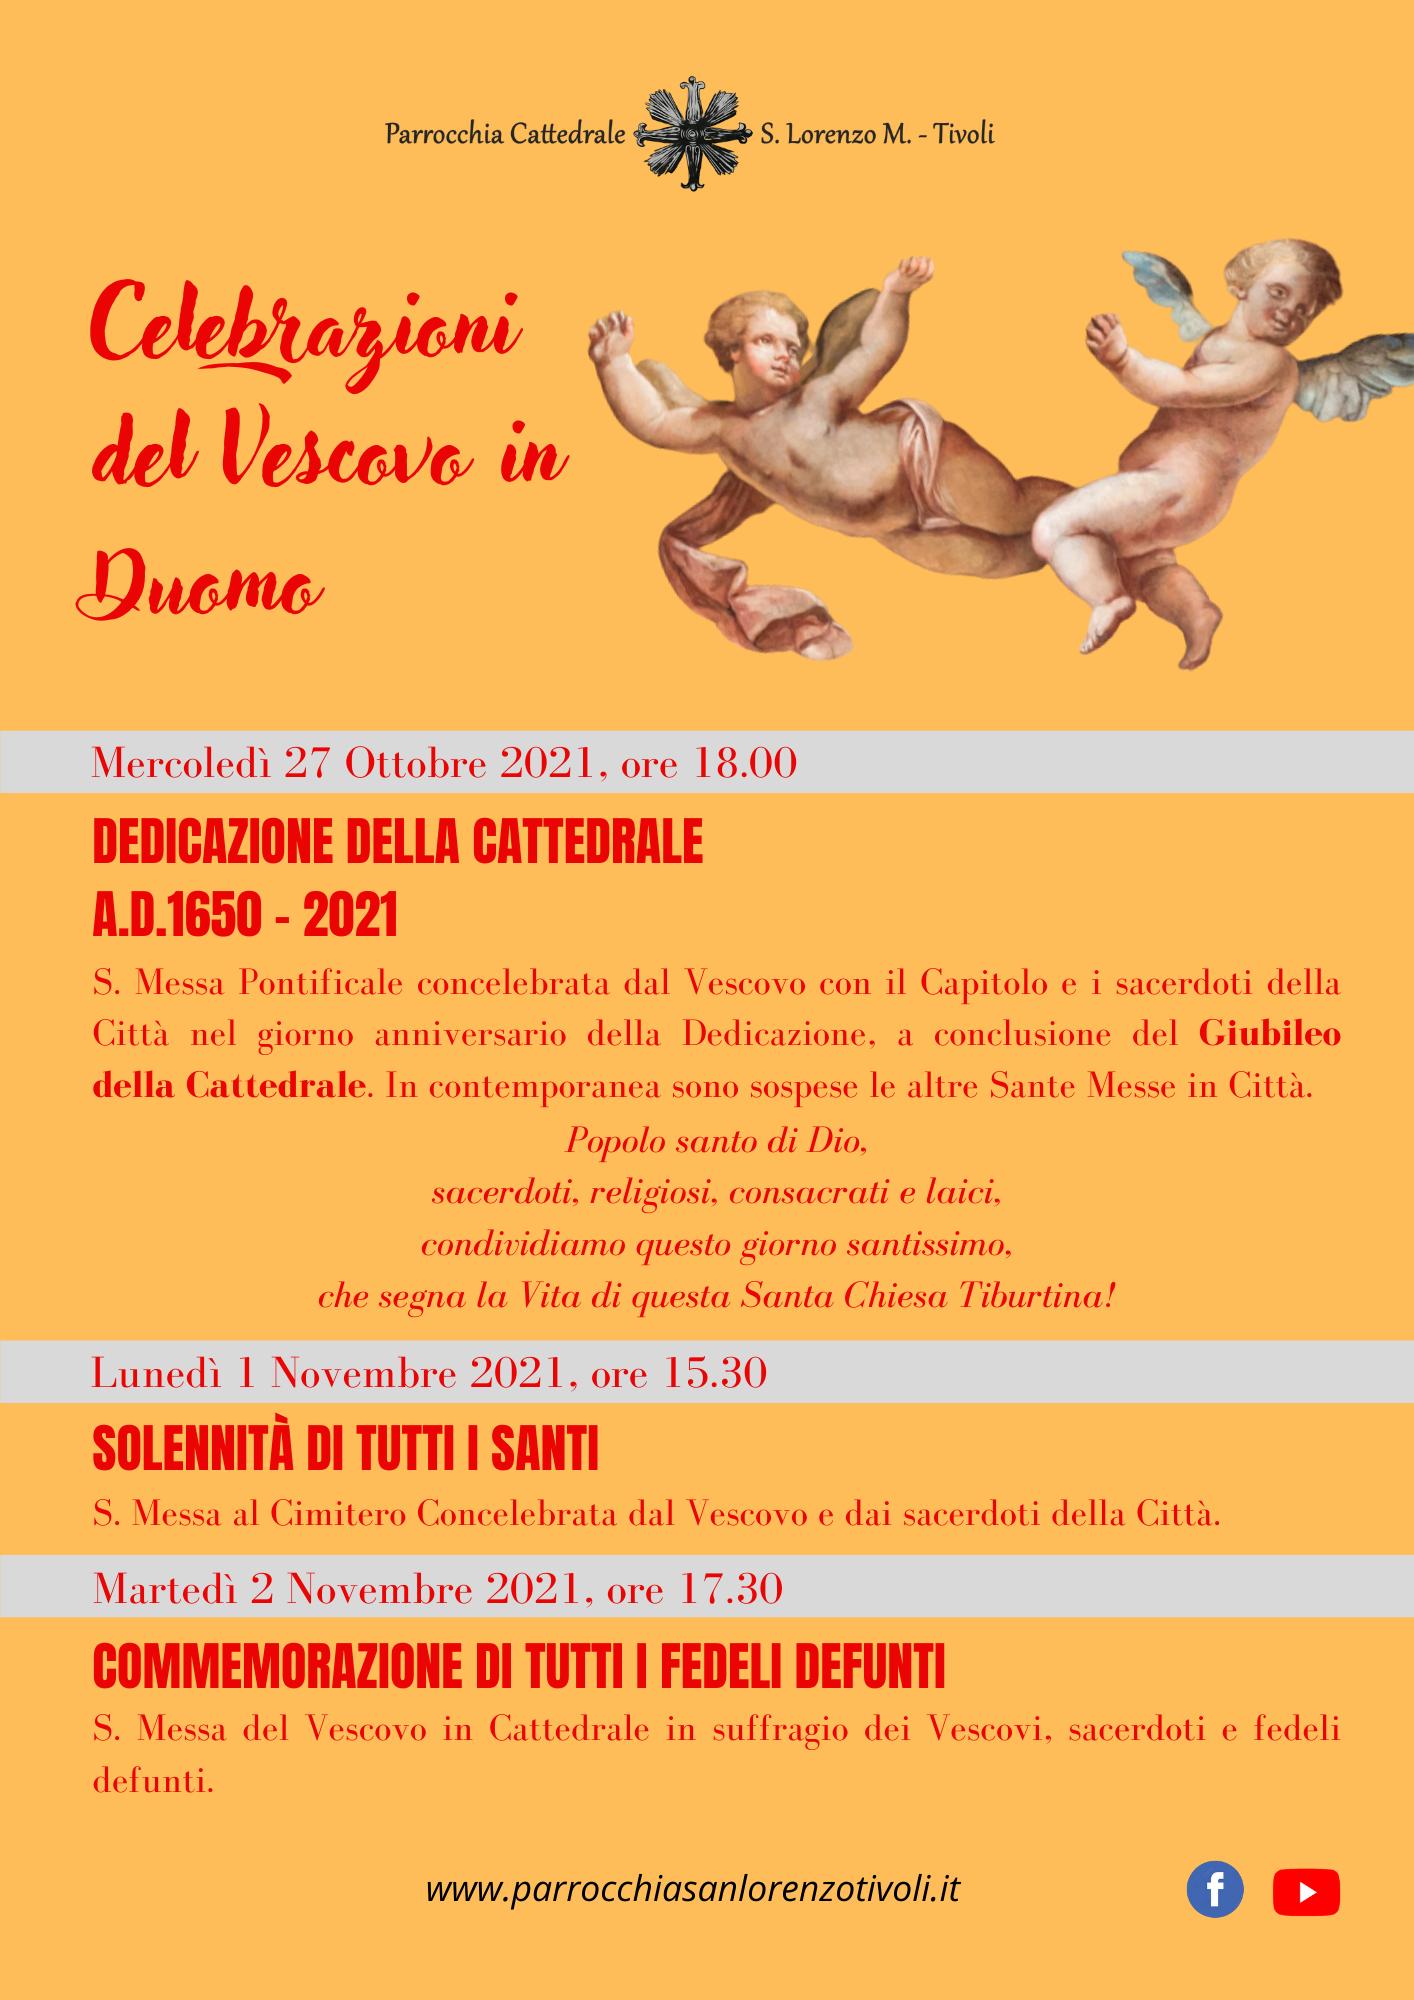 Celebrazioni del Vescovo in Duomo